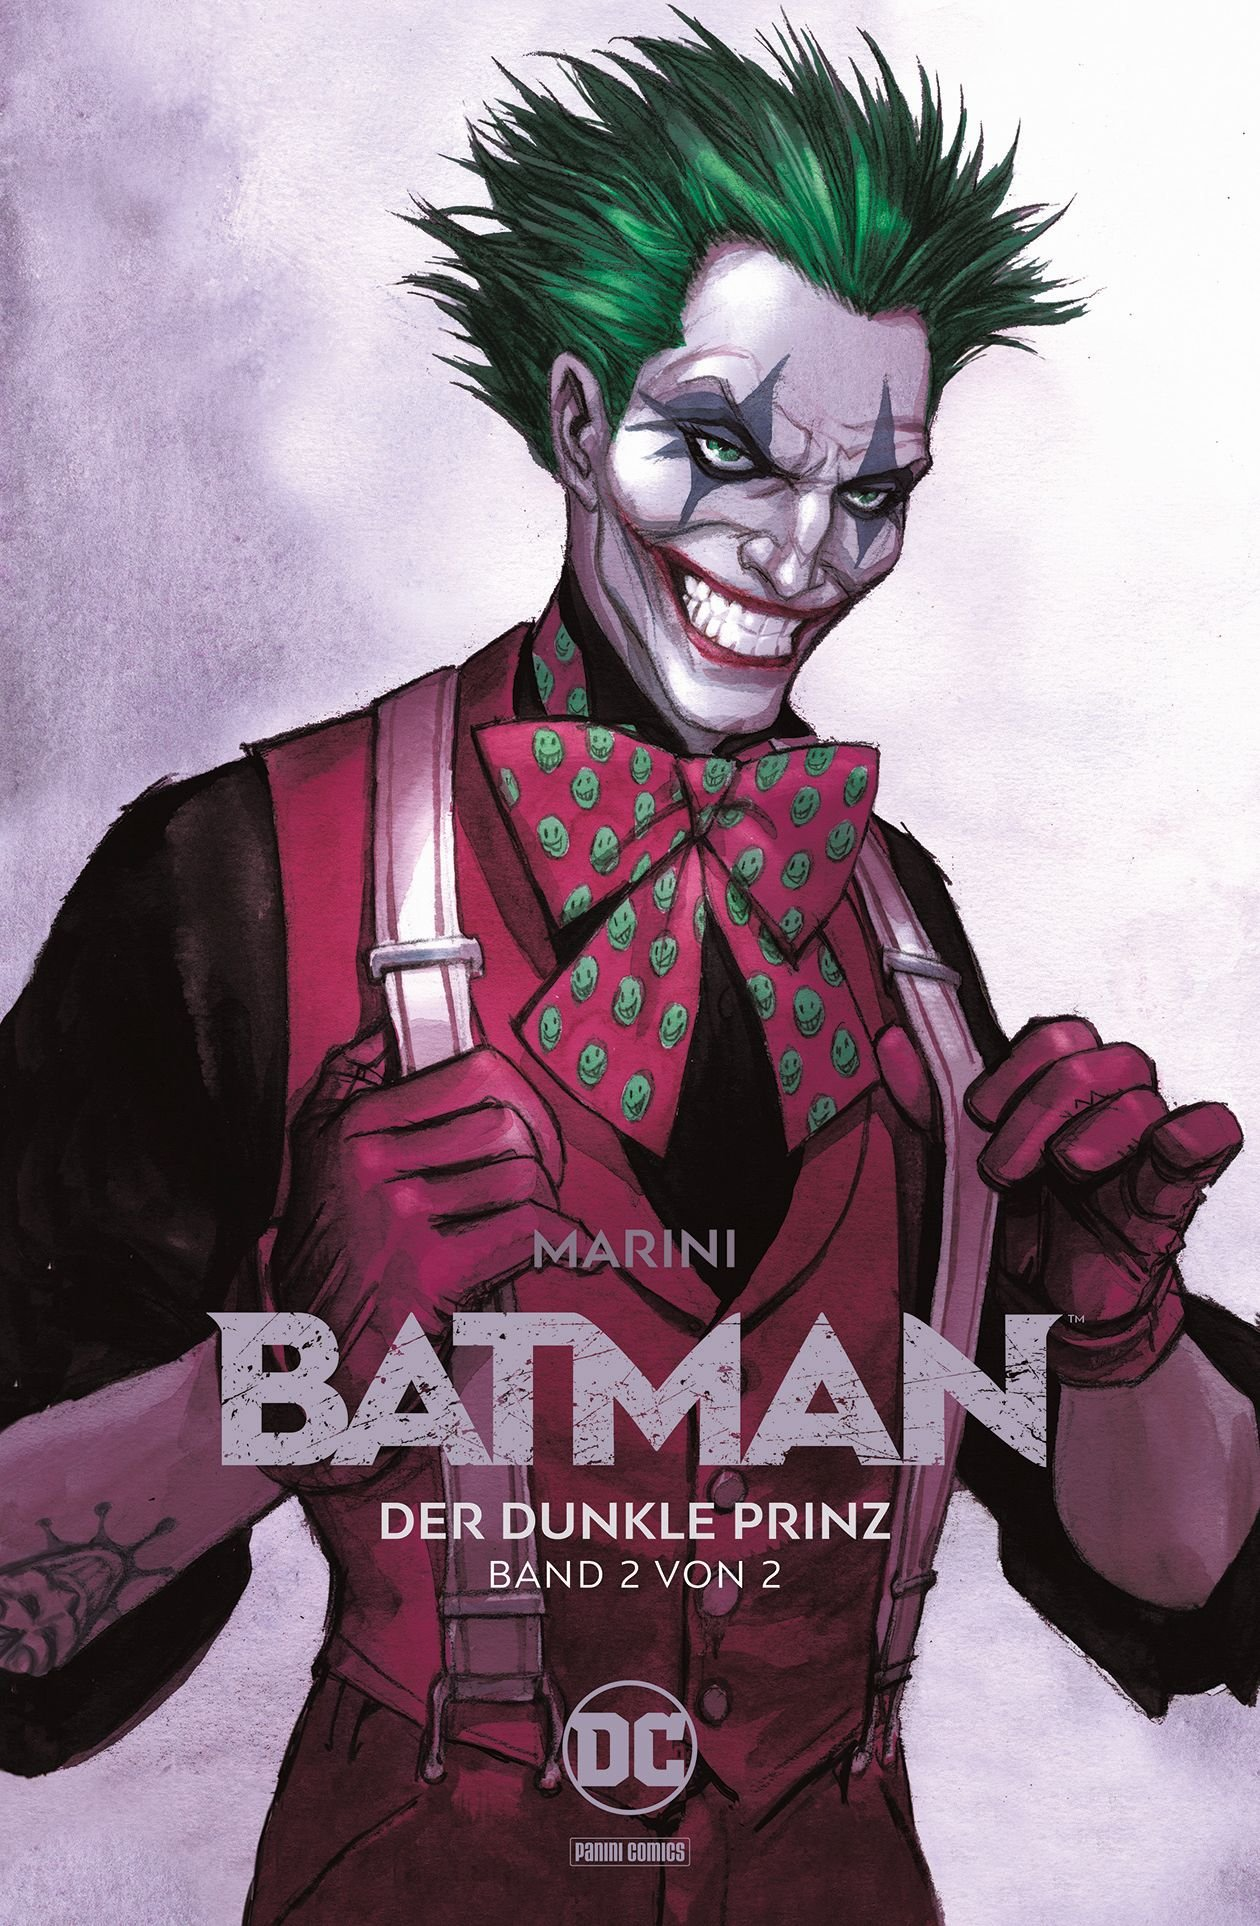 Batman: Der Dunkle Prinz: Bd. 2 (von 2) Gebundenes Buch – 10. Juli 2018 Enrico Marini Monja Reichert Panini 3741607347